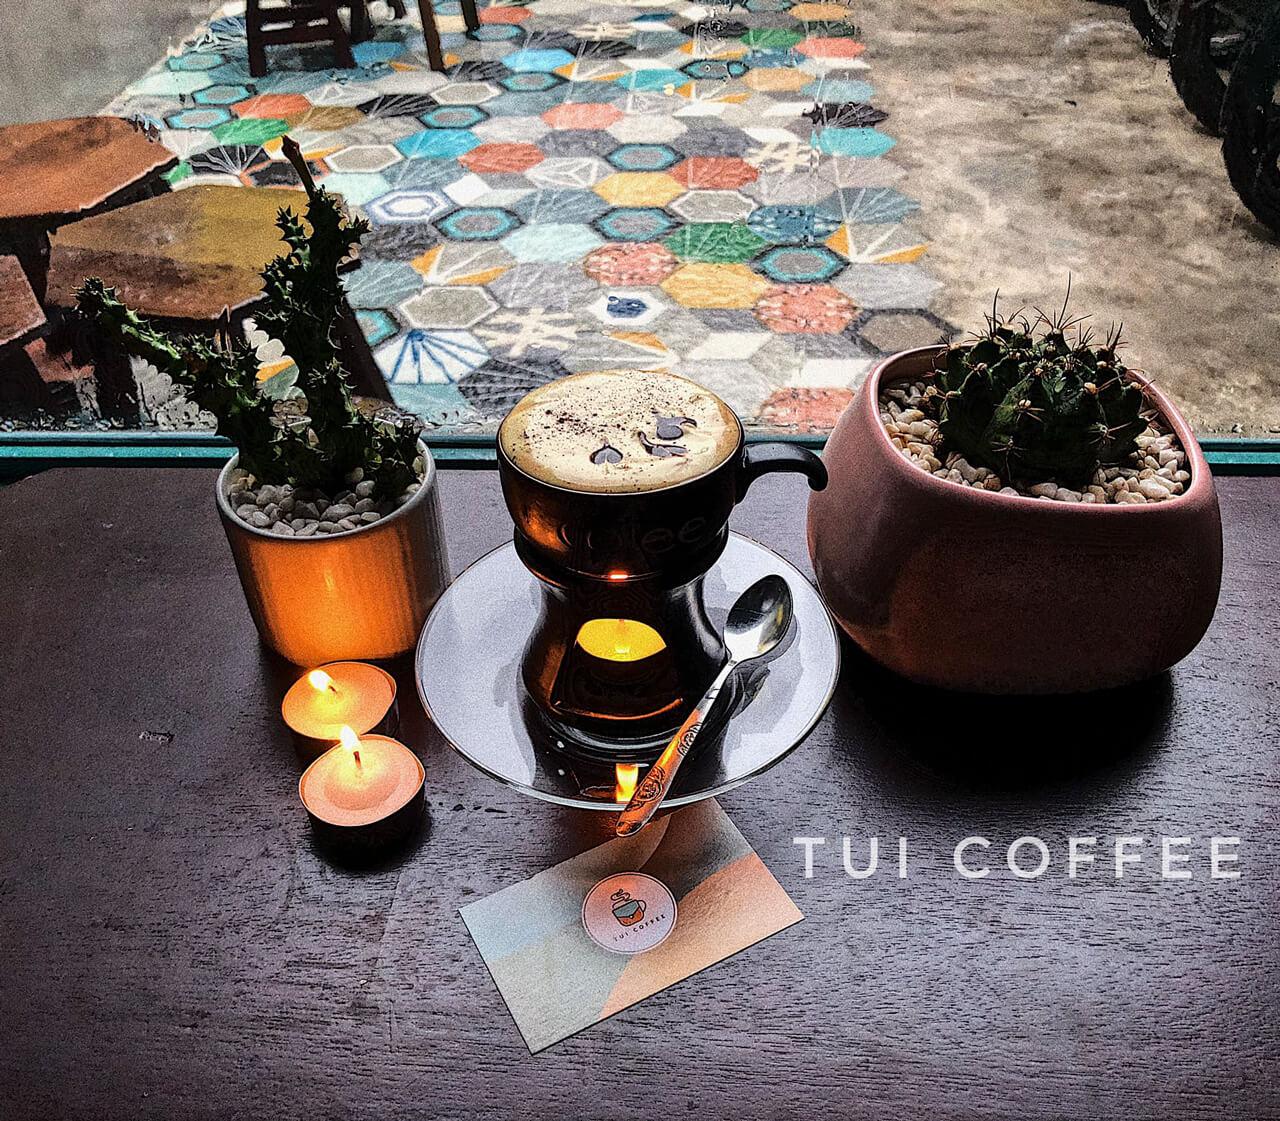 Món coffee trứng đặc trưng của quán cà phê TUI Cần Thơ